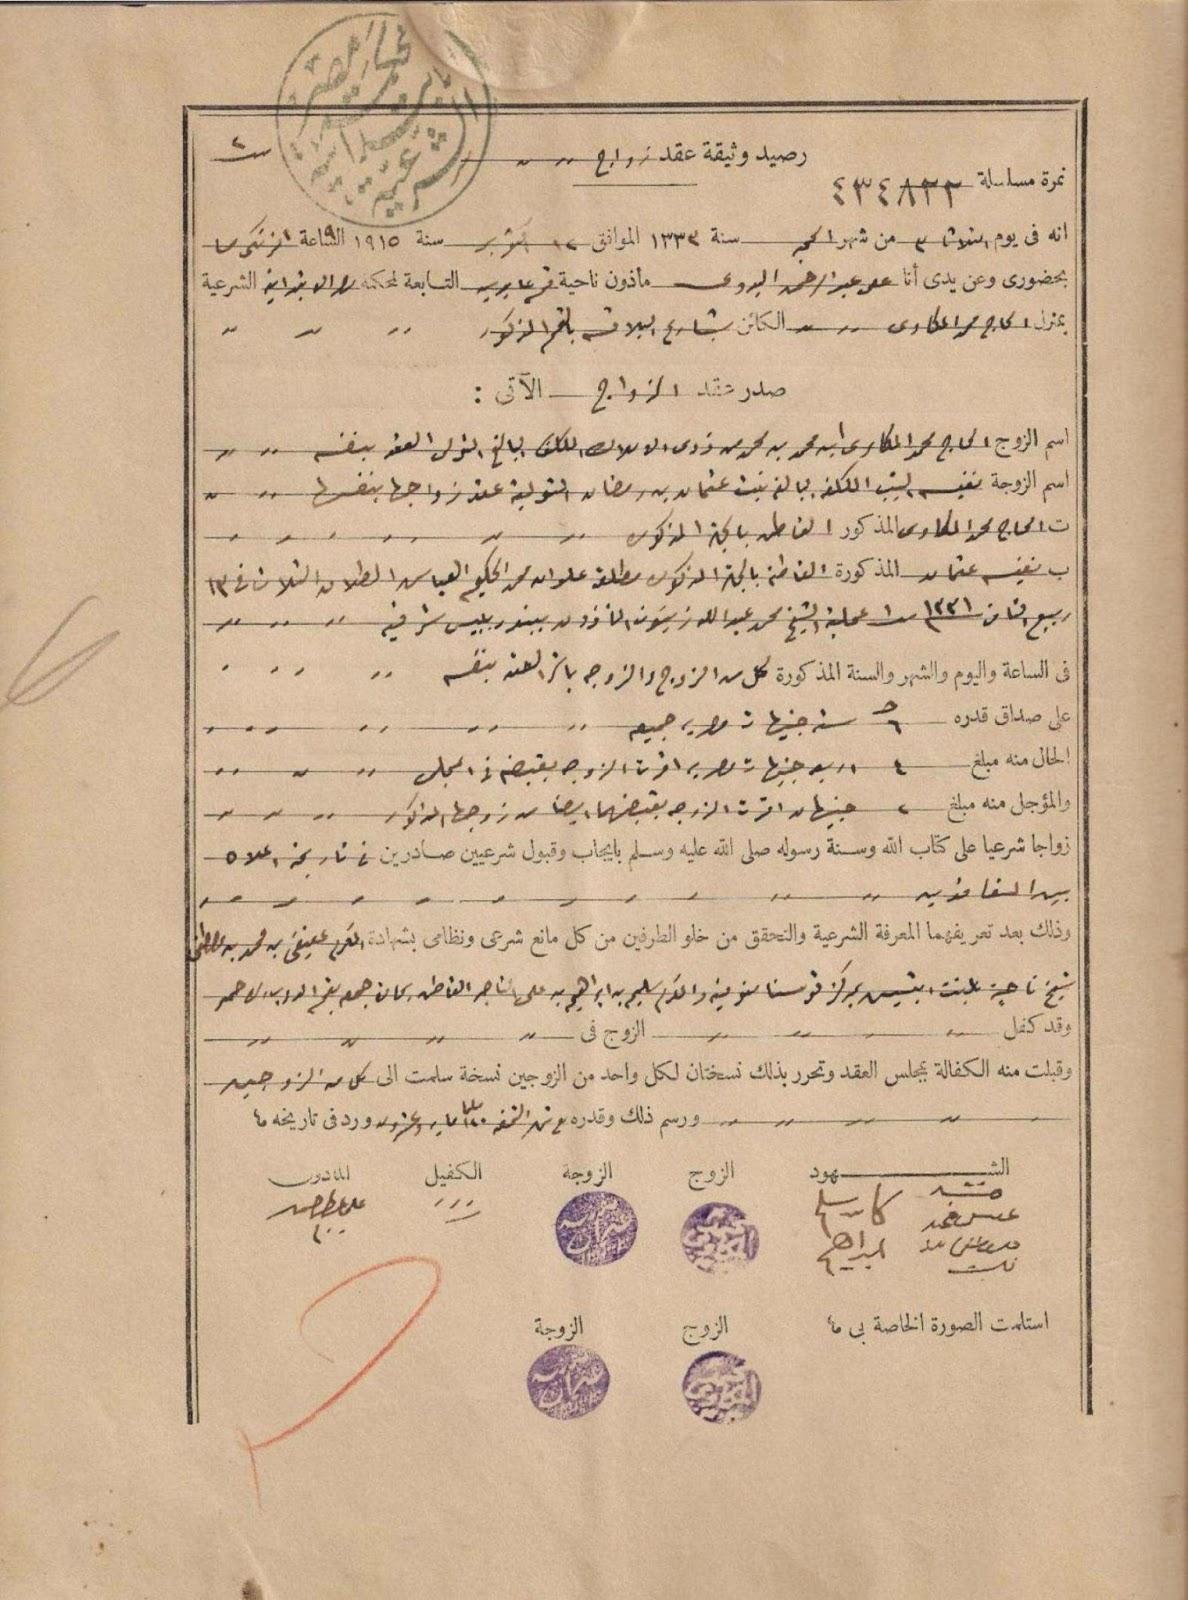 عقد الزواج من العرفي الي التوثيق (المأذون الشرعي )